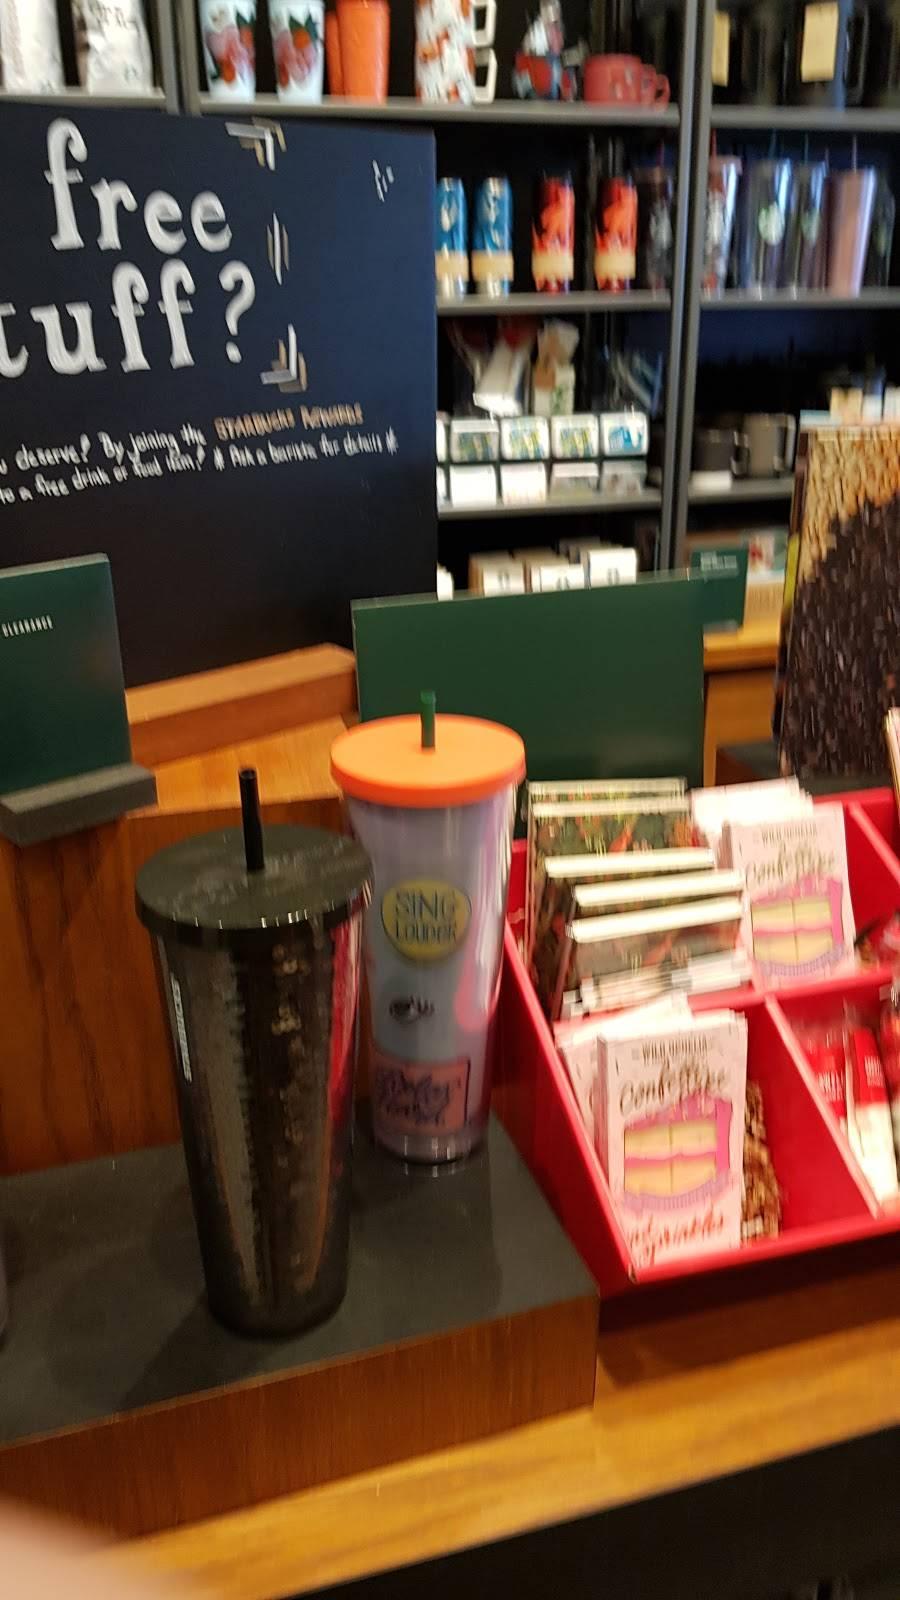 Starbucks   cafe   712 Dutchess Turnpike, Poughkeepsie, NY 12603, USA   8454856294 OR +1 845-485-6294